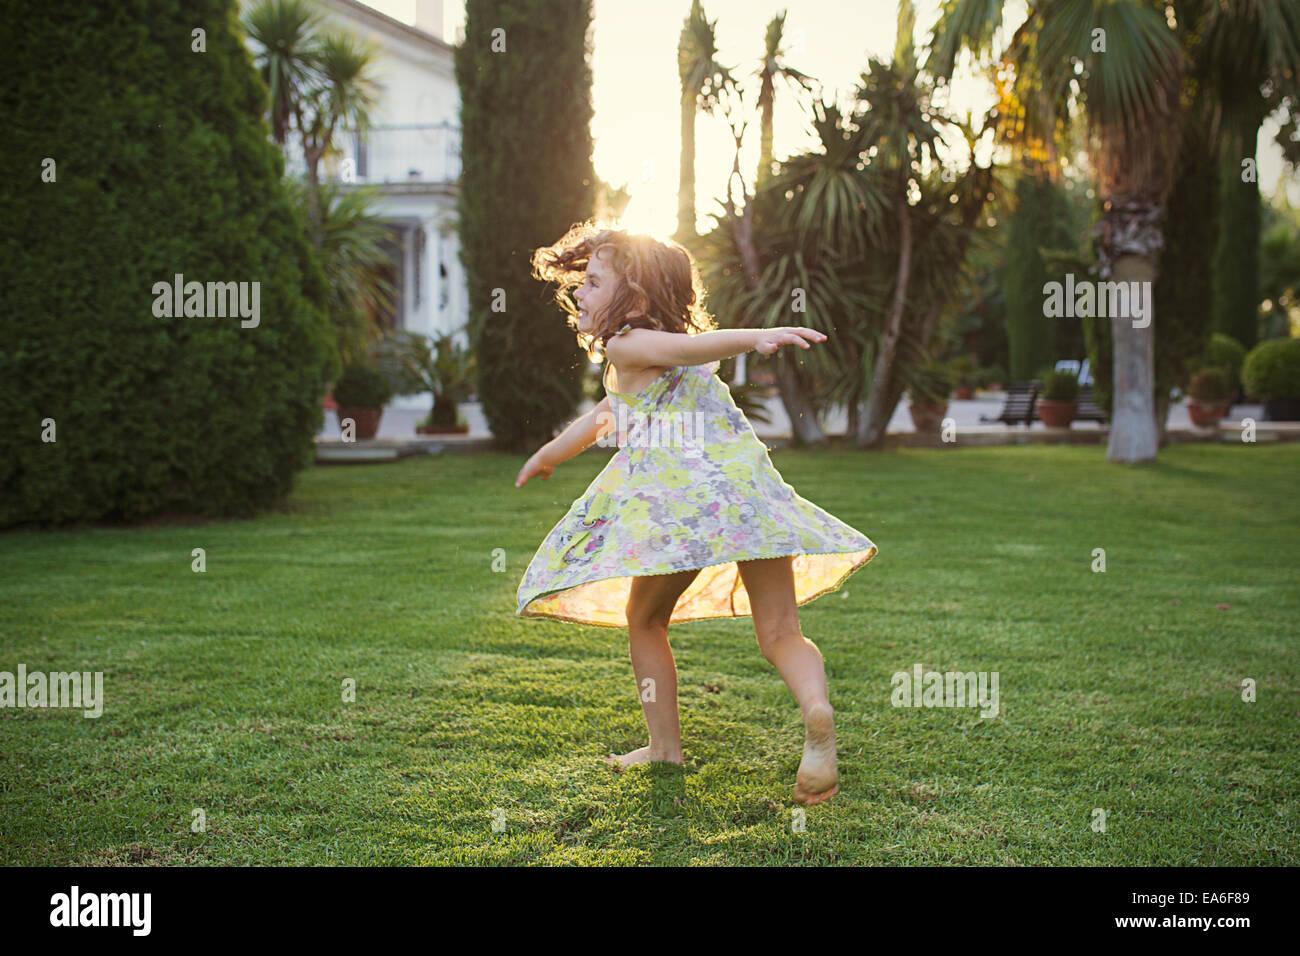 Tourner autour de fille en jardin Photo Stock